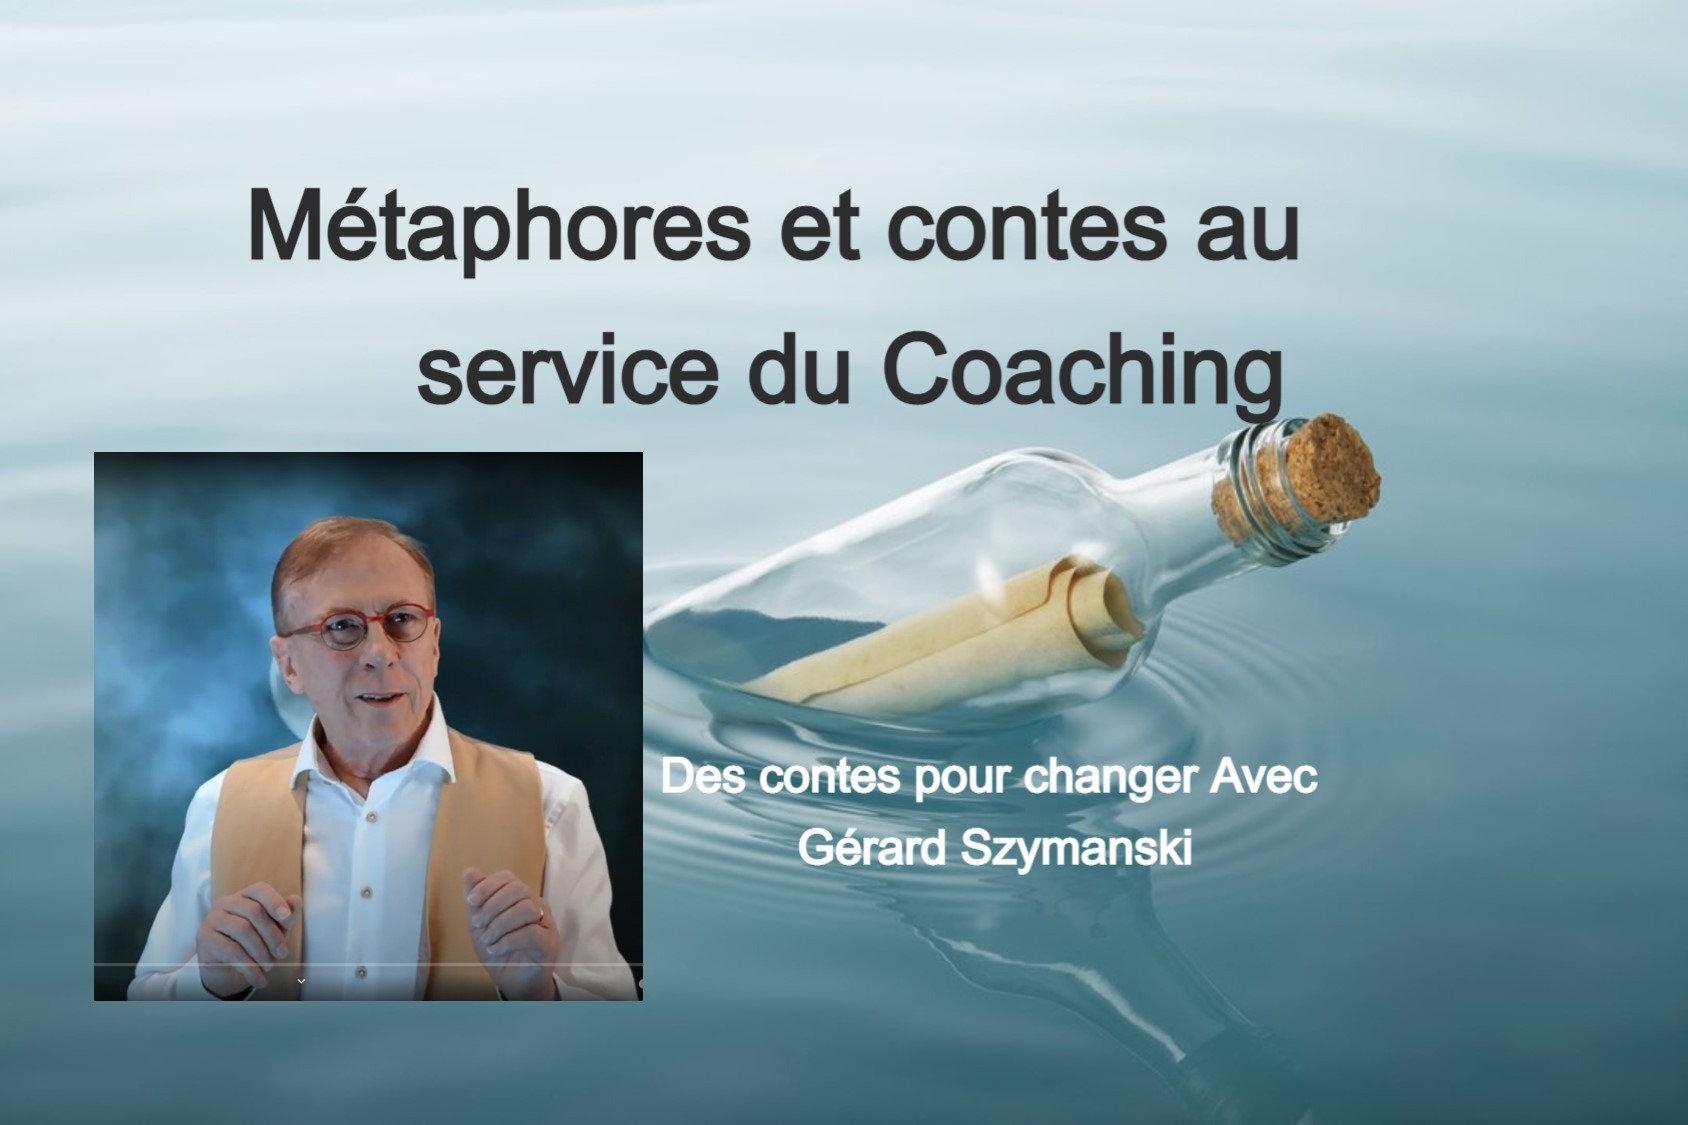 Métaphores, Contes et Coaching